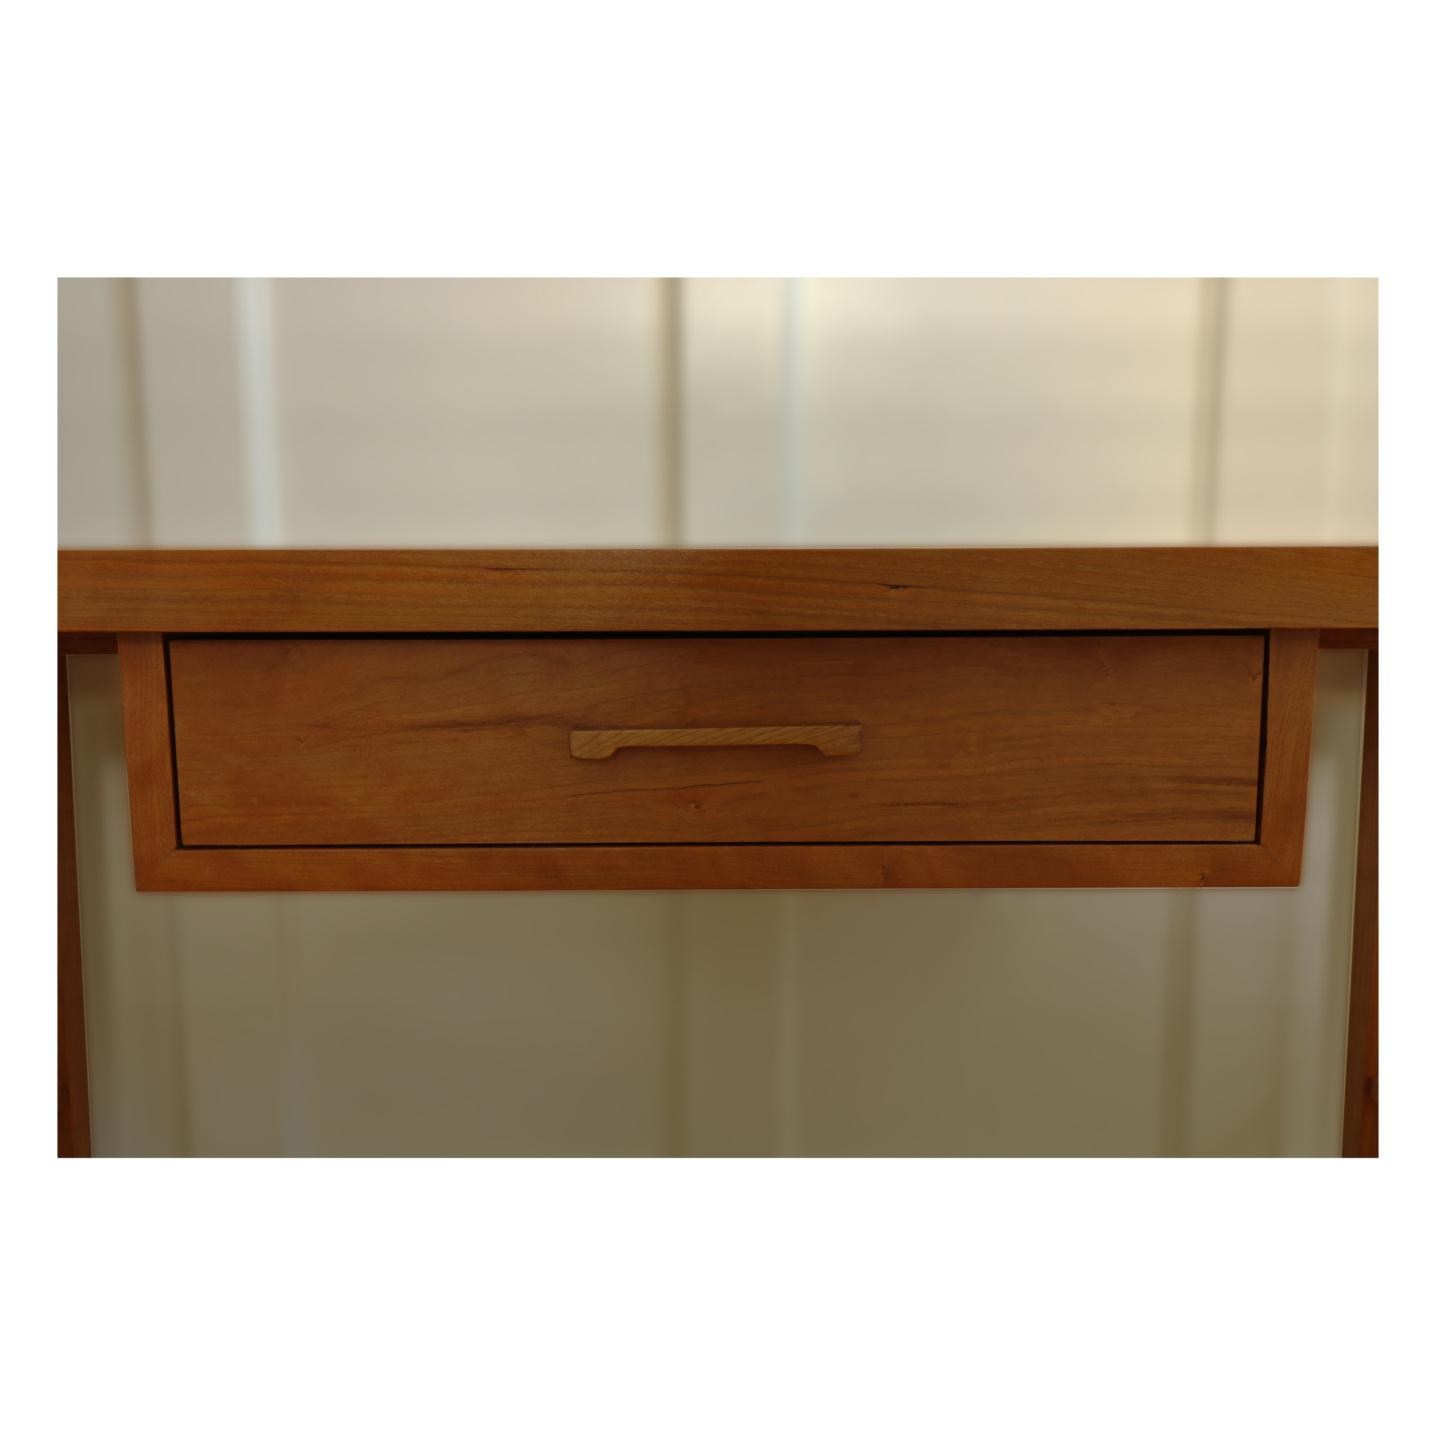 Hand cut cherry drawer pull